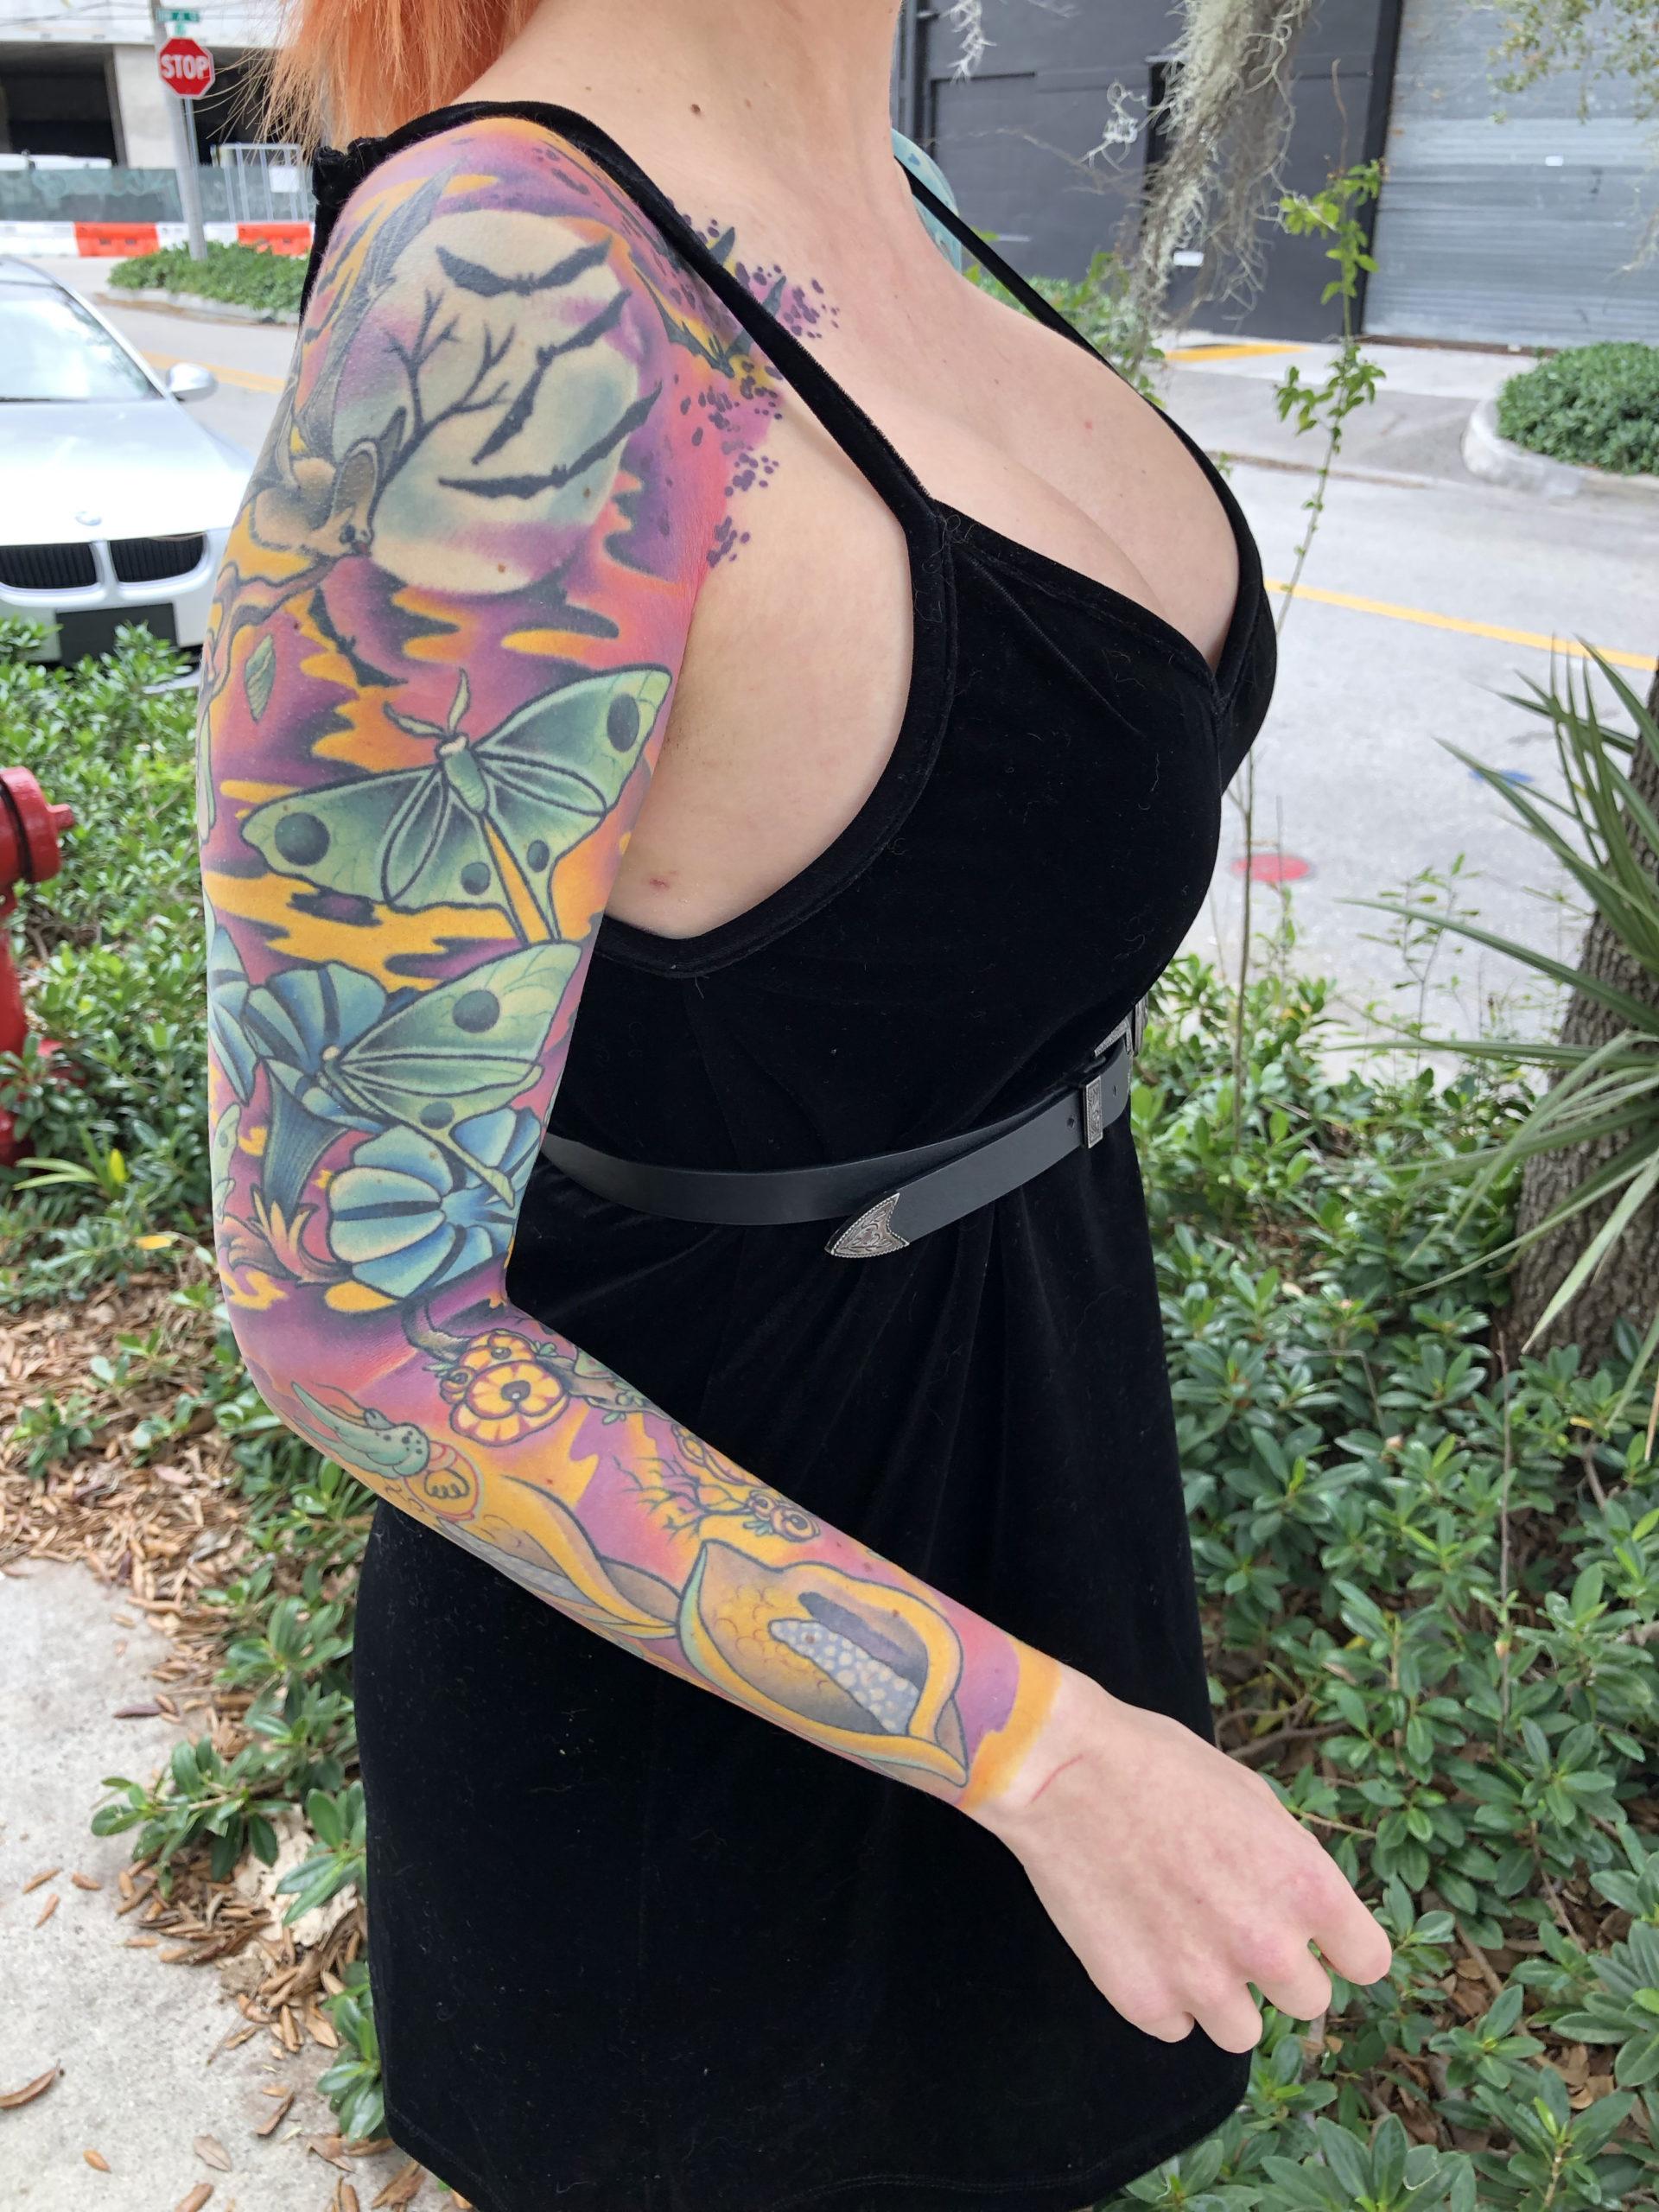 Tyler Nolan Tattoo : tyler, nolan, tattoo, Tyler, Nolan, Tattoo, Inquiry, Sunshine, State